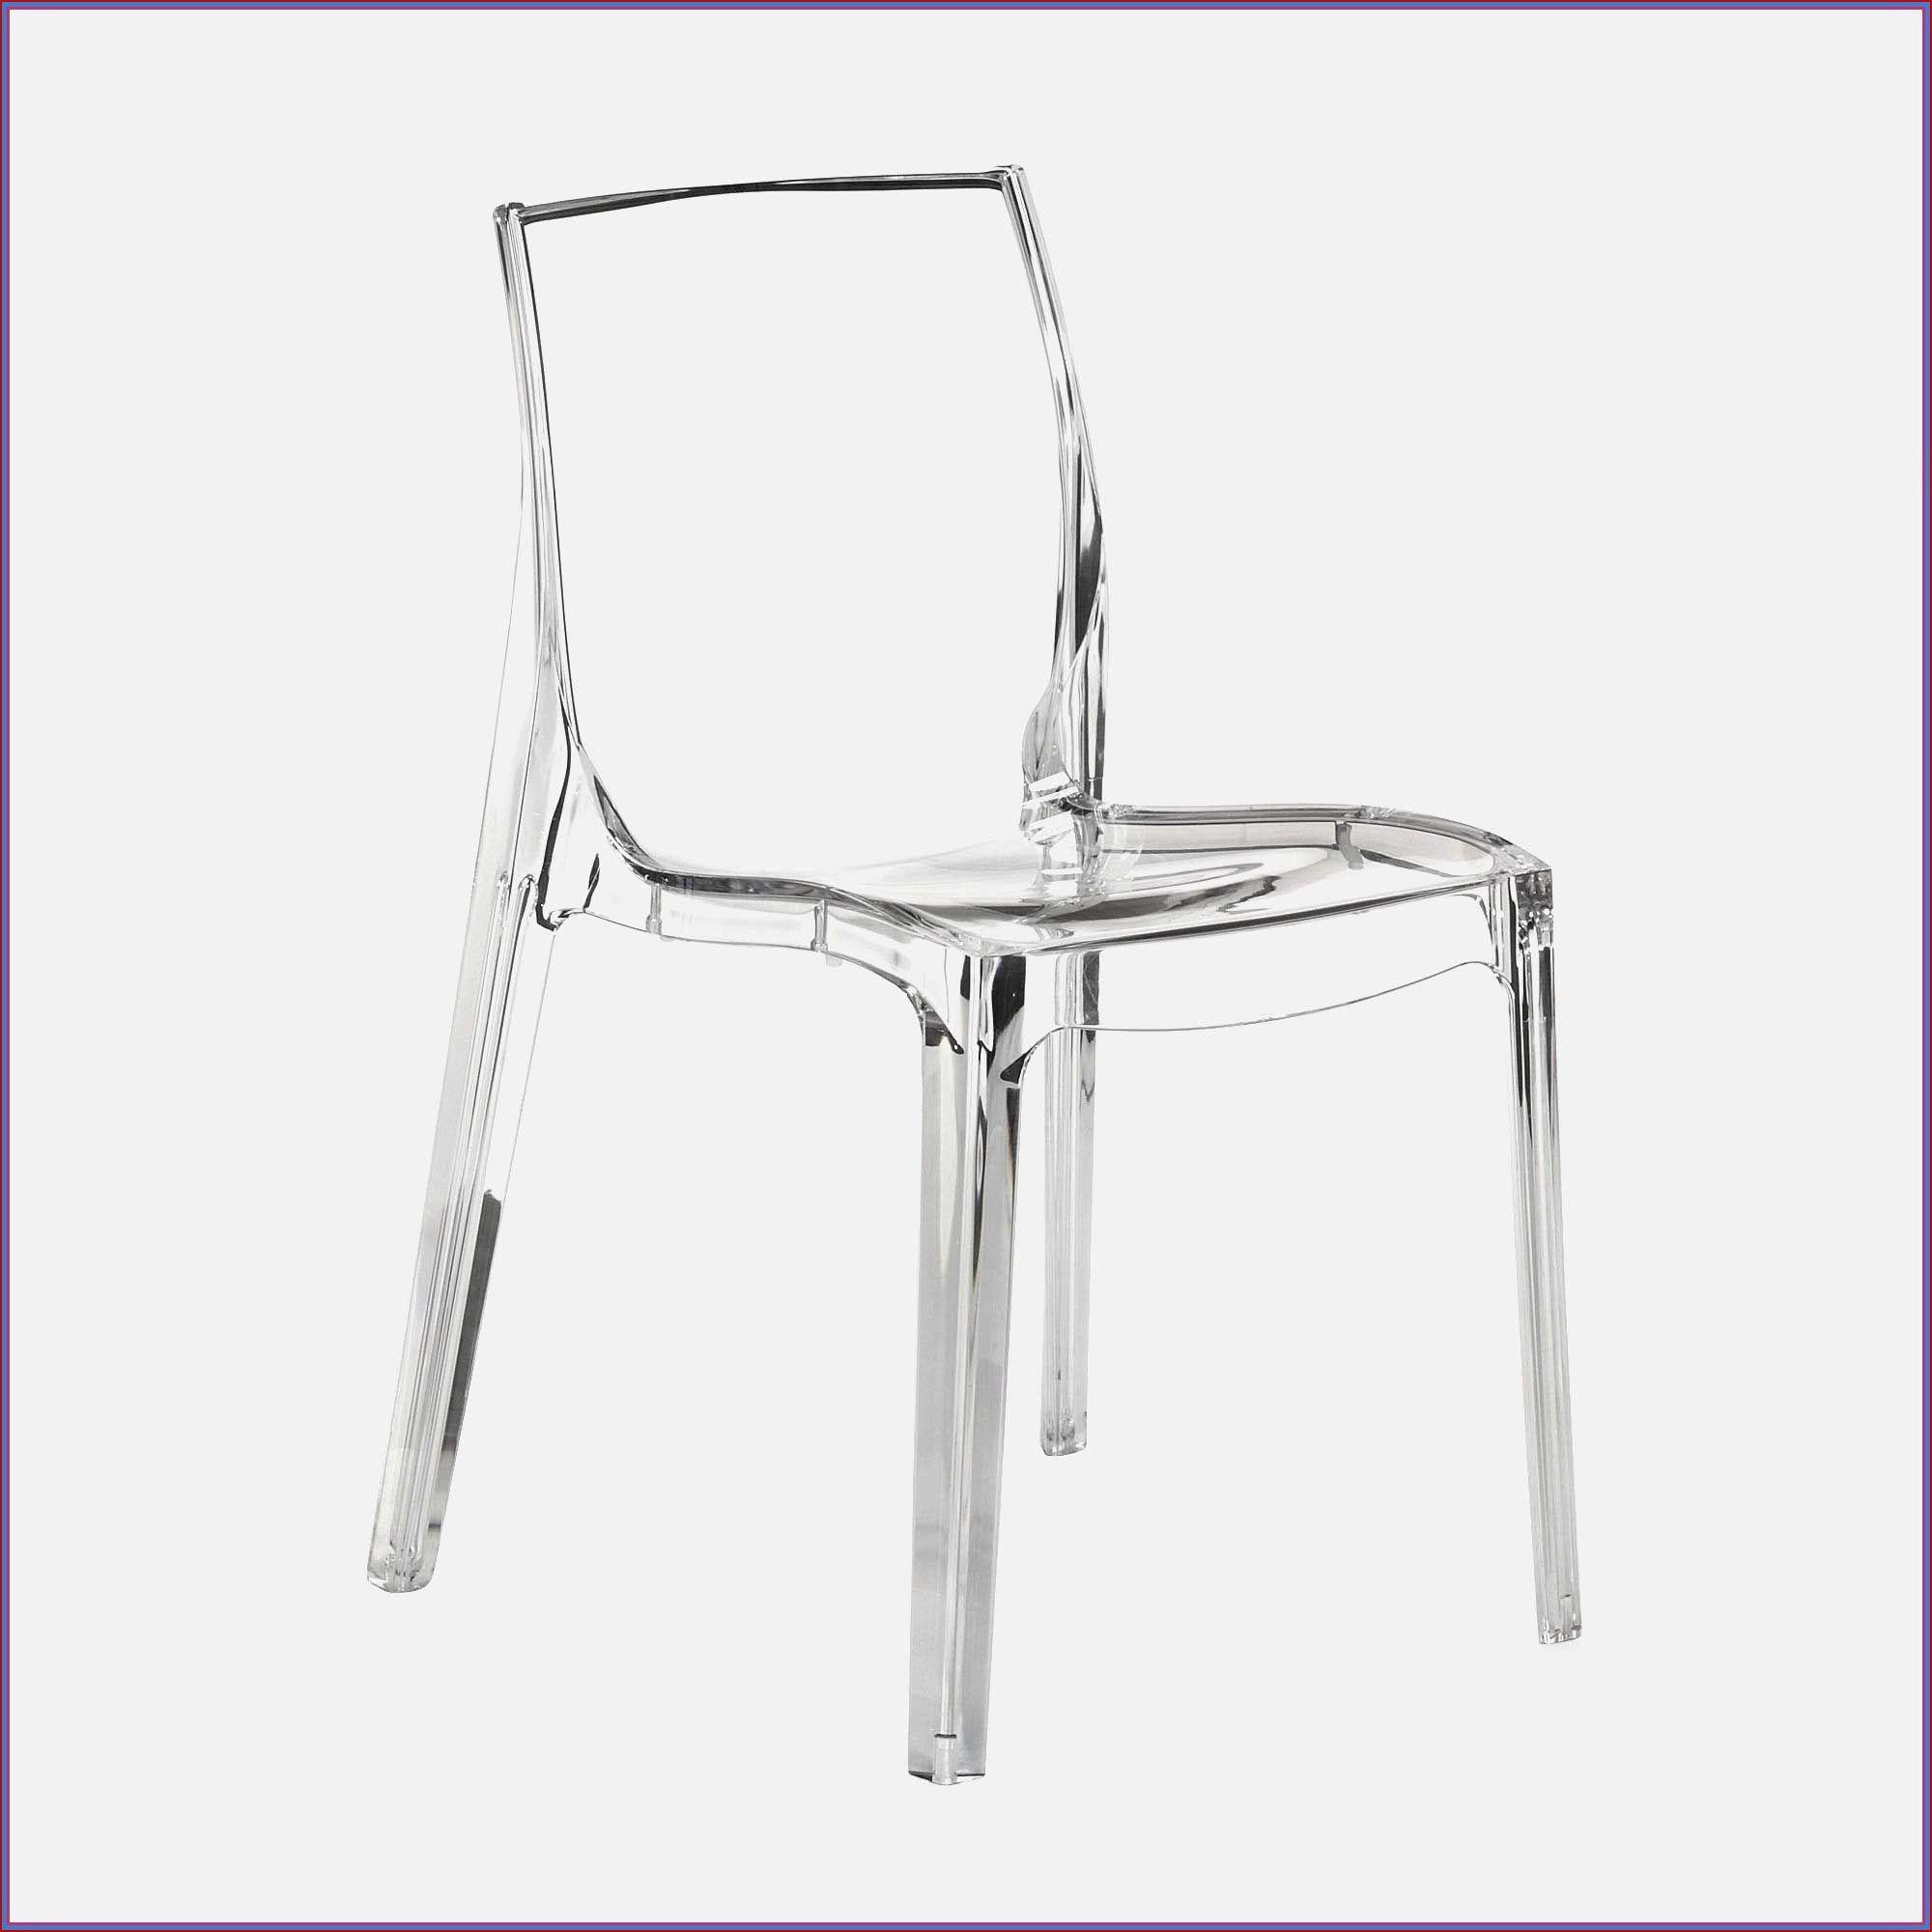 Chaises Conforama Fauteuil Relax Meilleur De Fauteuil Simple Chaise De Salon Conforama Luxe C En 2020 Chaise Chaise Cuisine Chaise Haute Cuisine